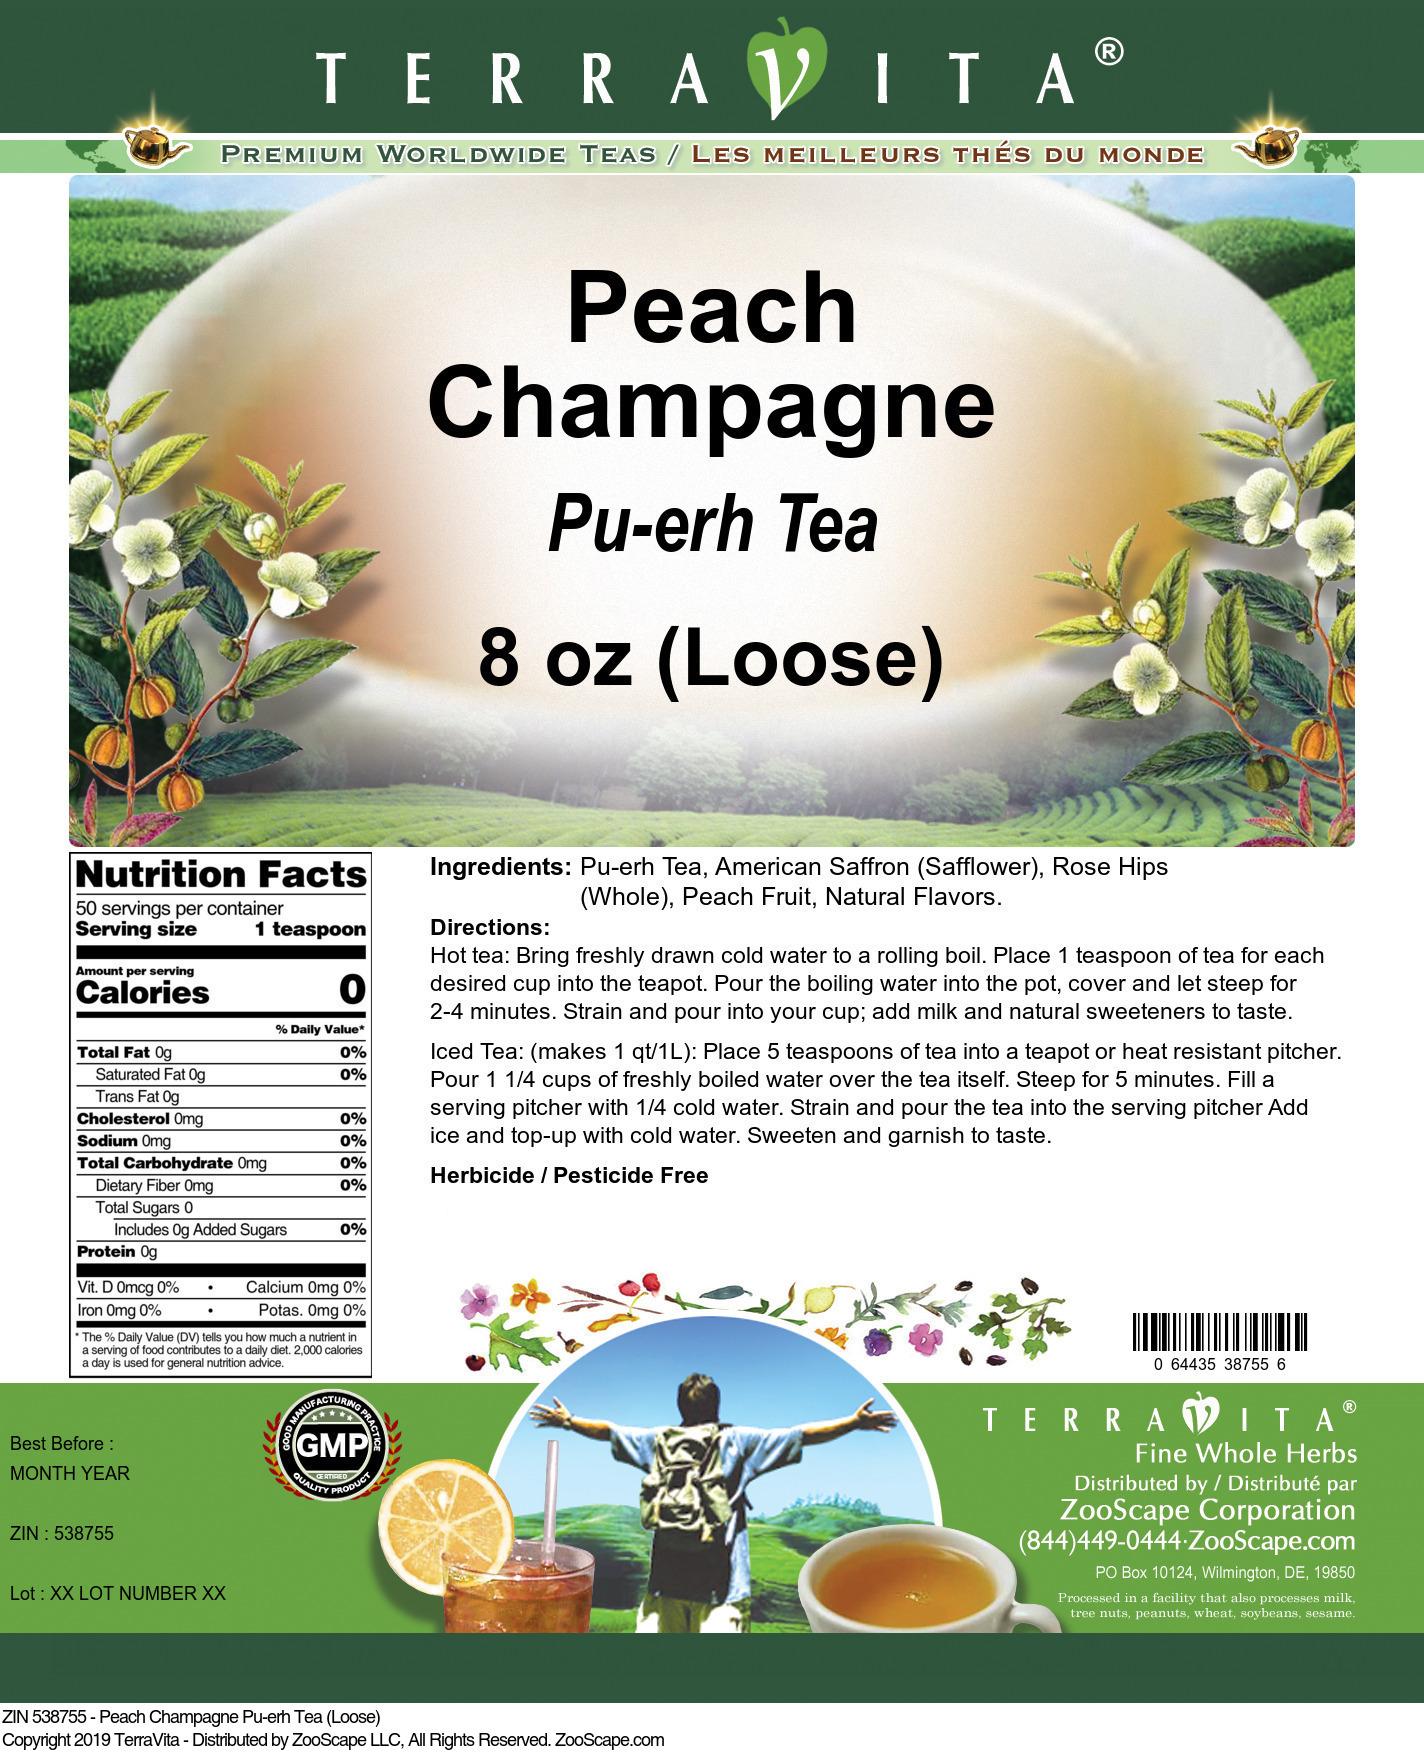 Peach Champagne Pu-erh Tea (Loose)